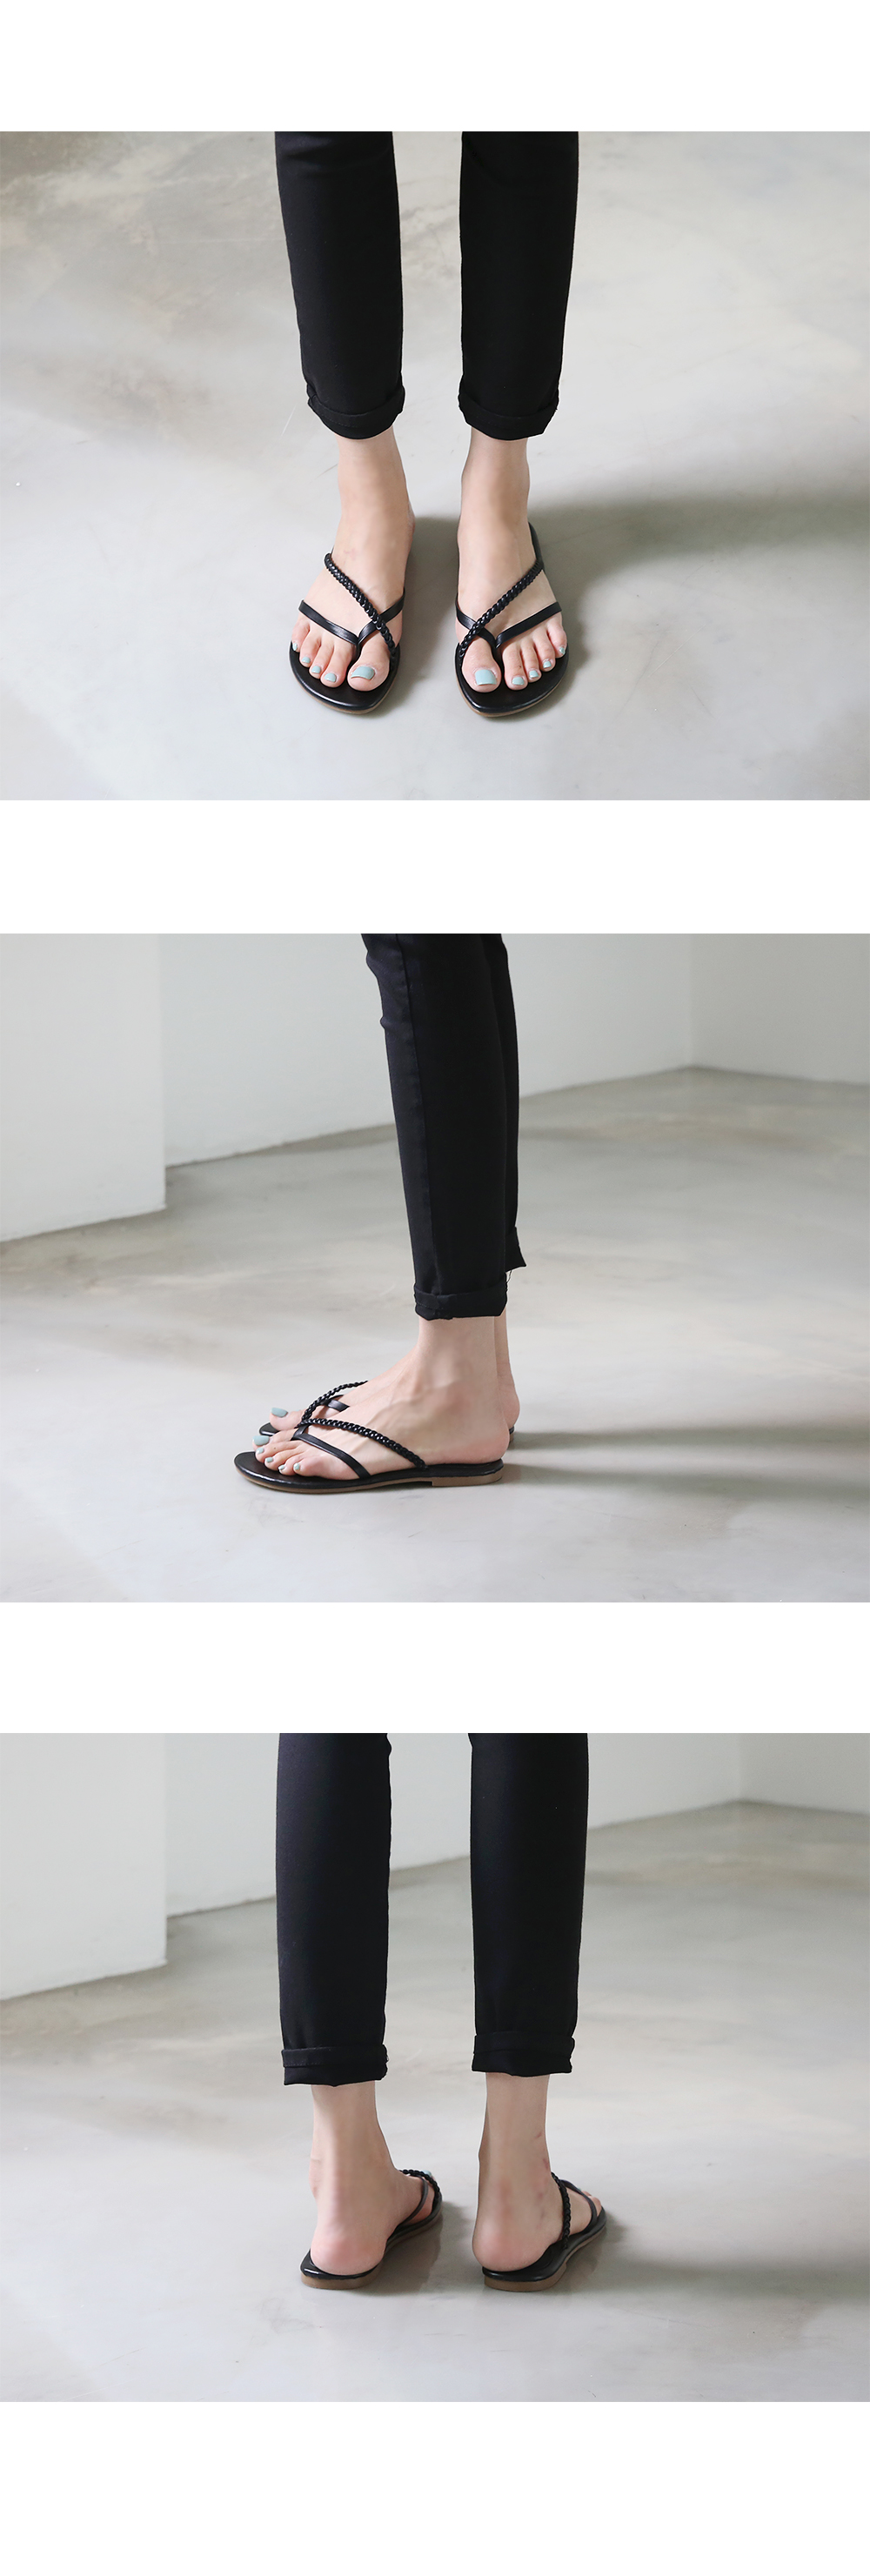 1 inch